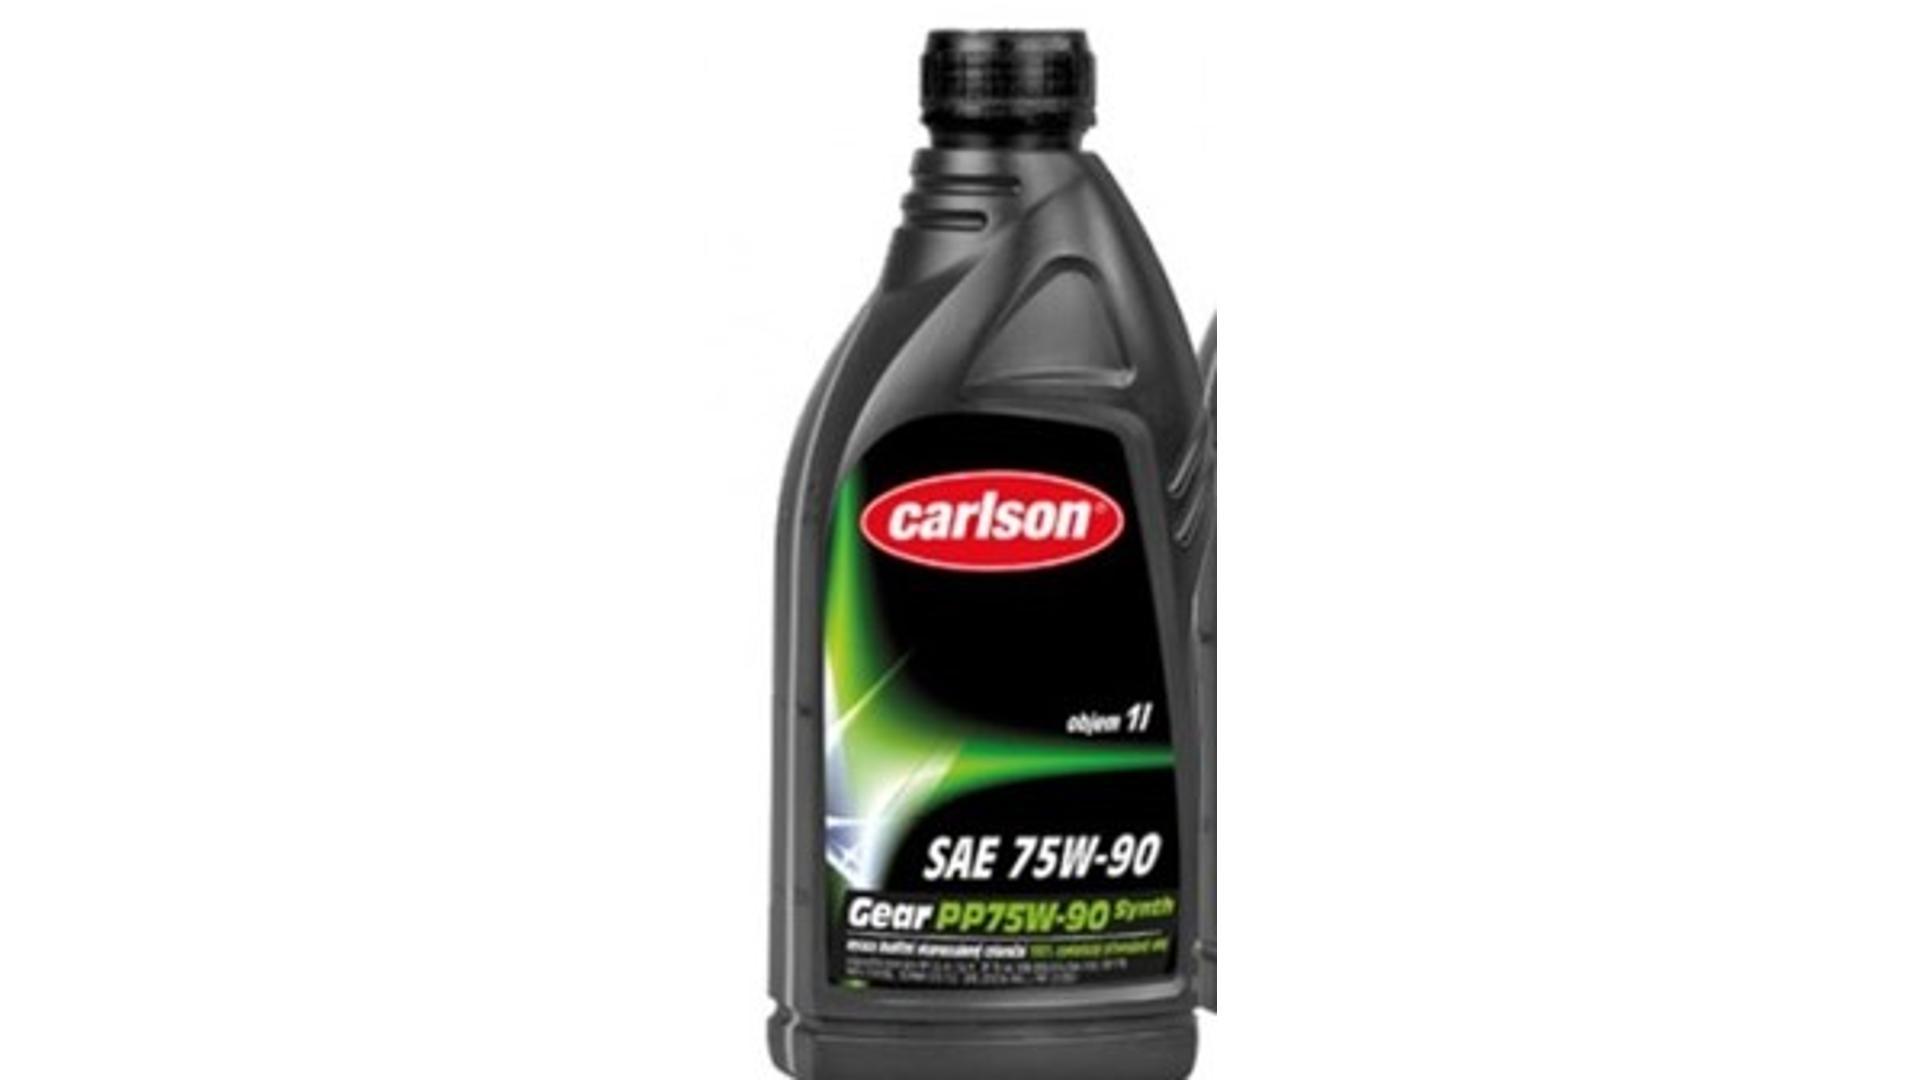 CARLSON GEAR PP75W-90 SYNTH - 1L